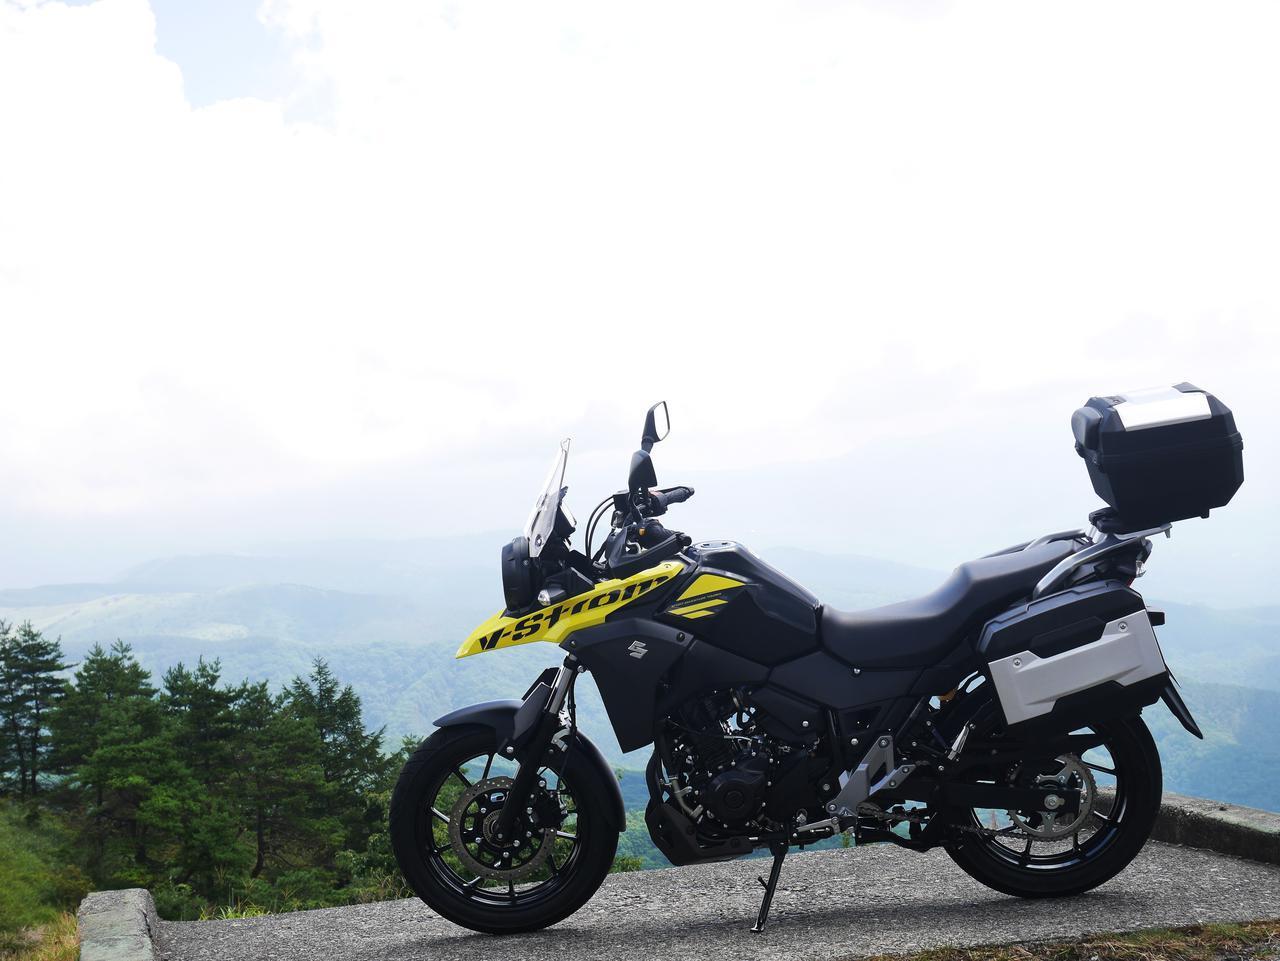 画像: スズキの『Vストローム250』はバイクキャンプもできる?